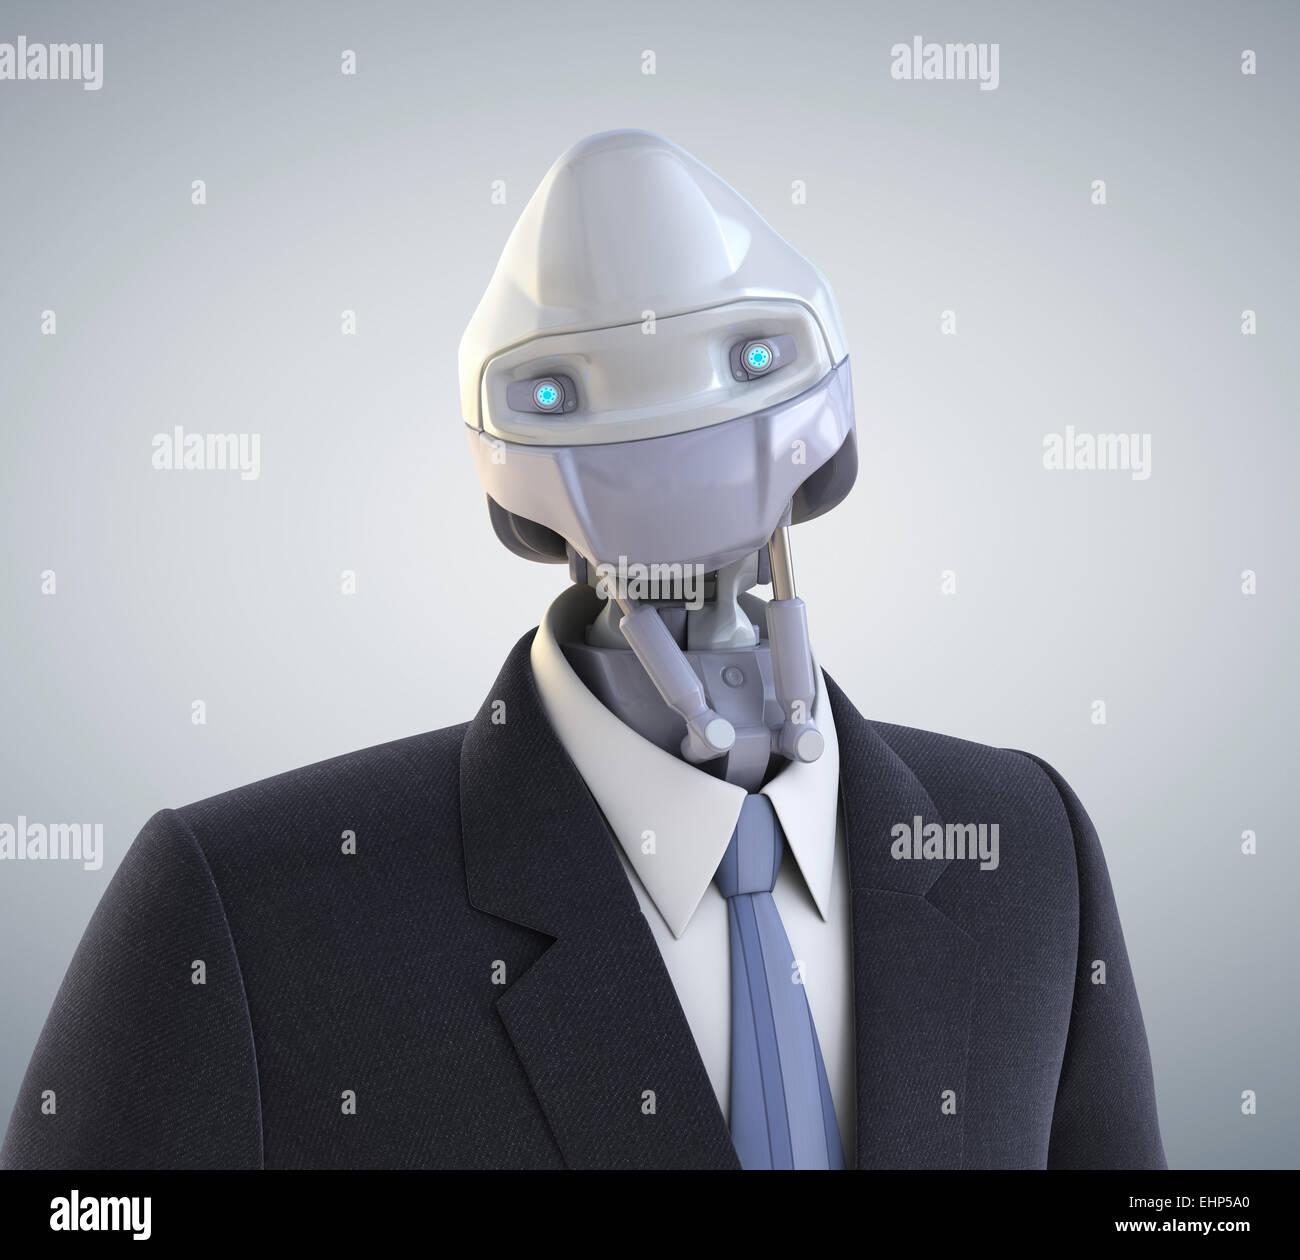 Roboter in einem Business-Anzug gekleidet. Clipping-Pfad enthalten Stockbild